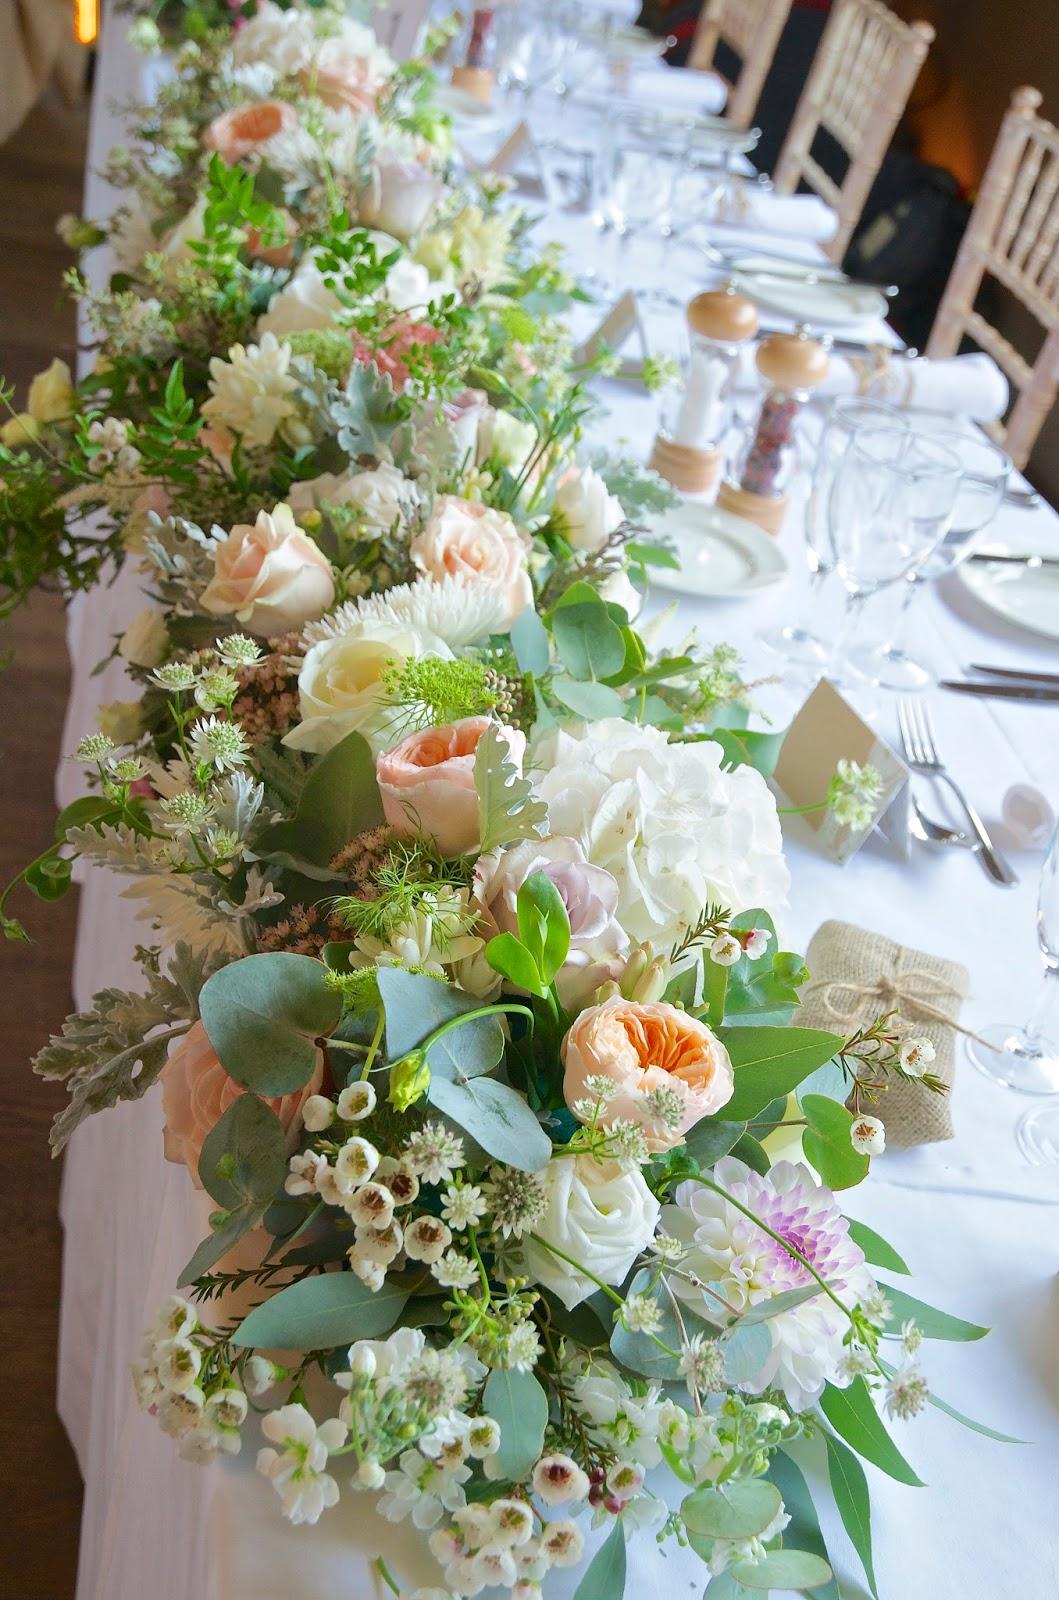 september 2013 wedding flowers cotswold summer weddings rose and grace. Black Bedroom Furniture Sets. Home Design Ideas